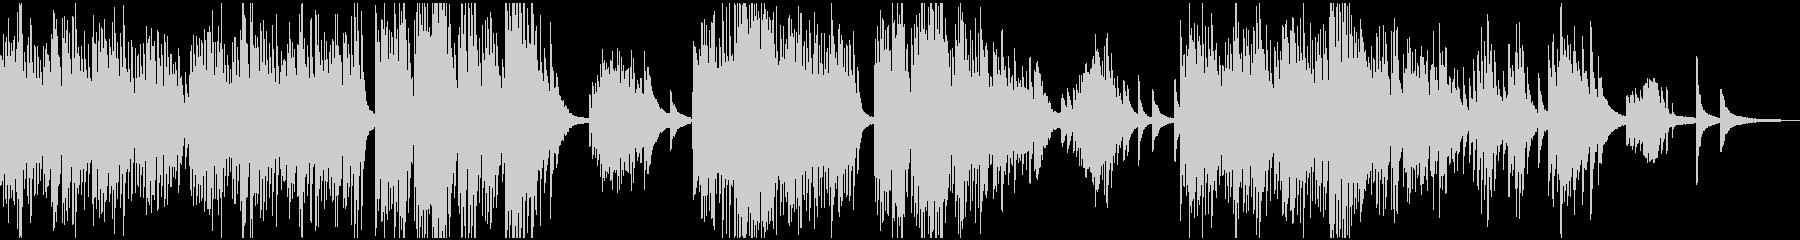 A.ルビンシテインの二つのメロディです。の未再生の波形